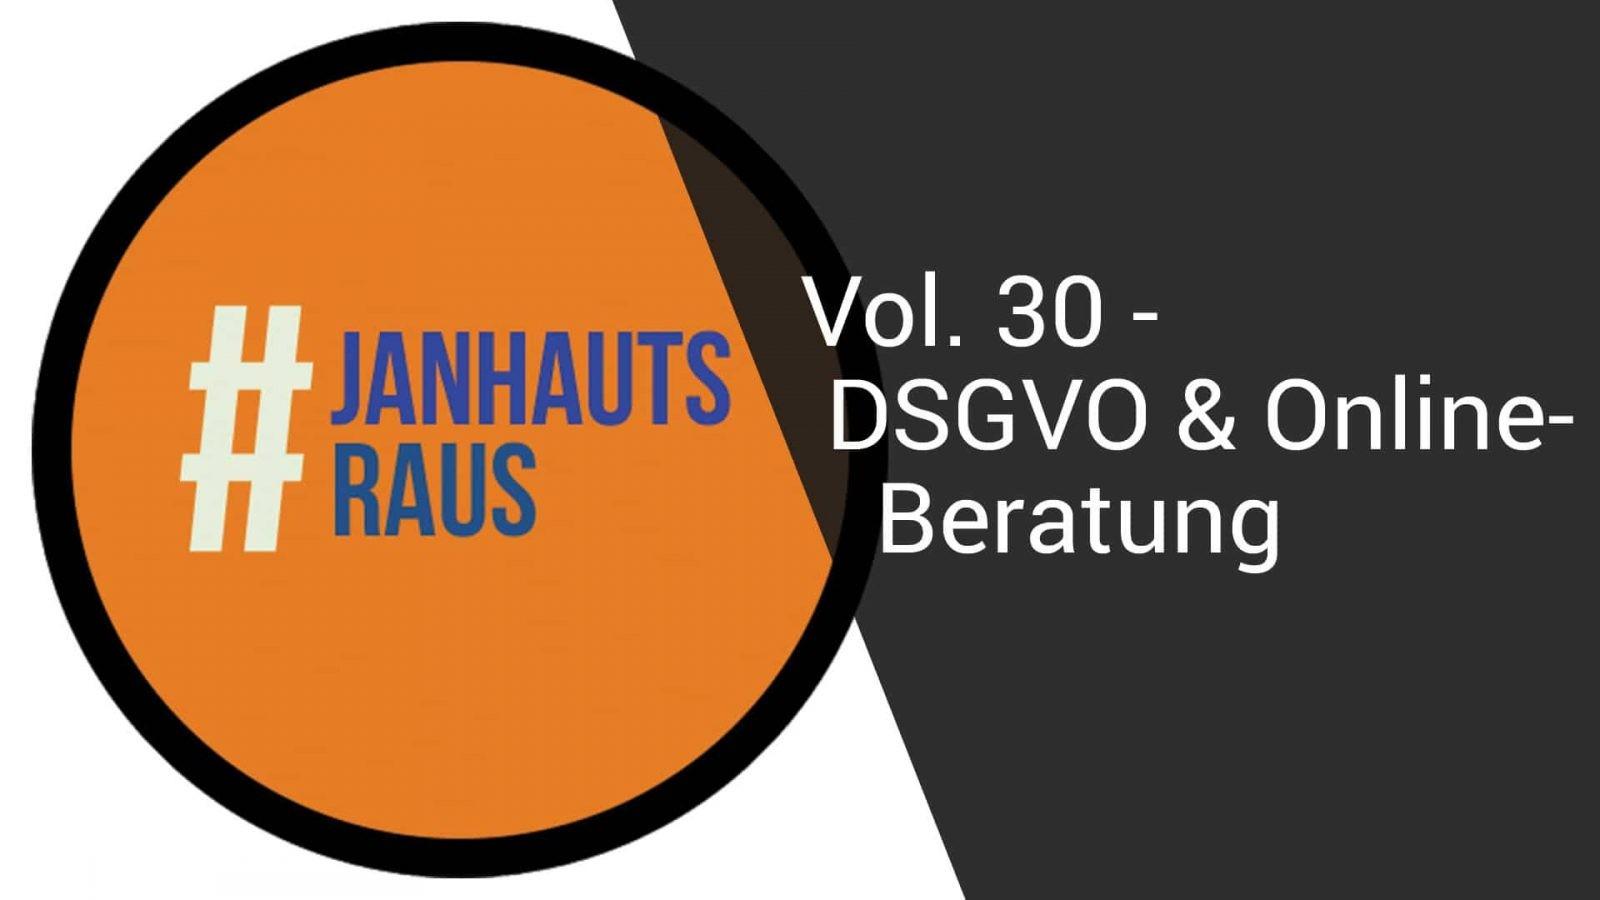 #janhautsraus - Vol. 30 - DSGVO & Online-Beratung